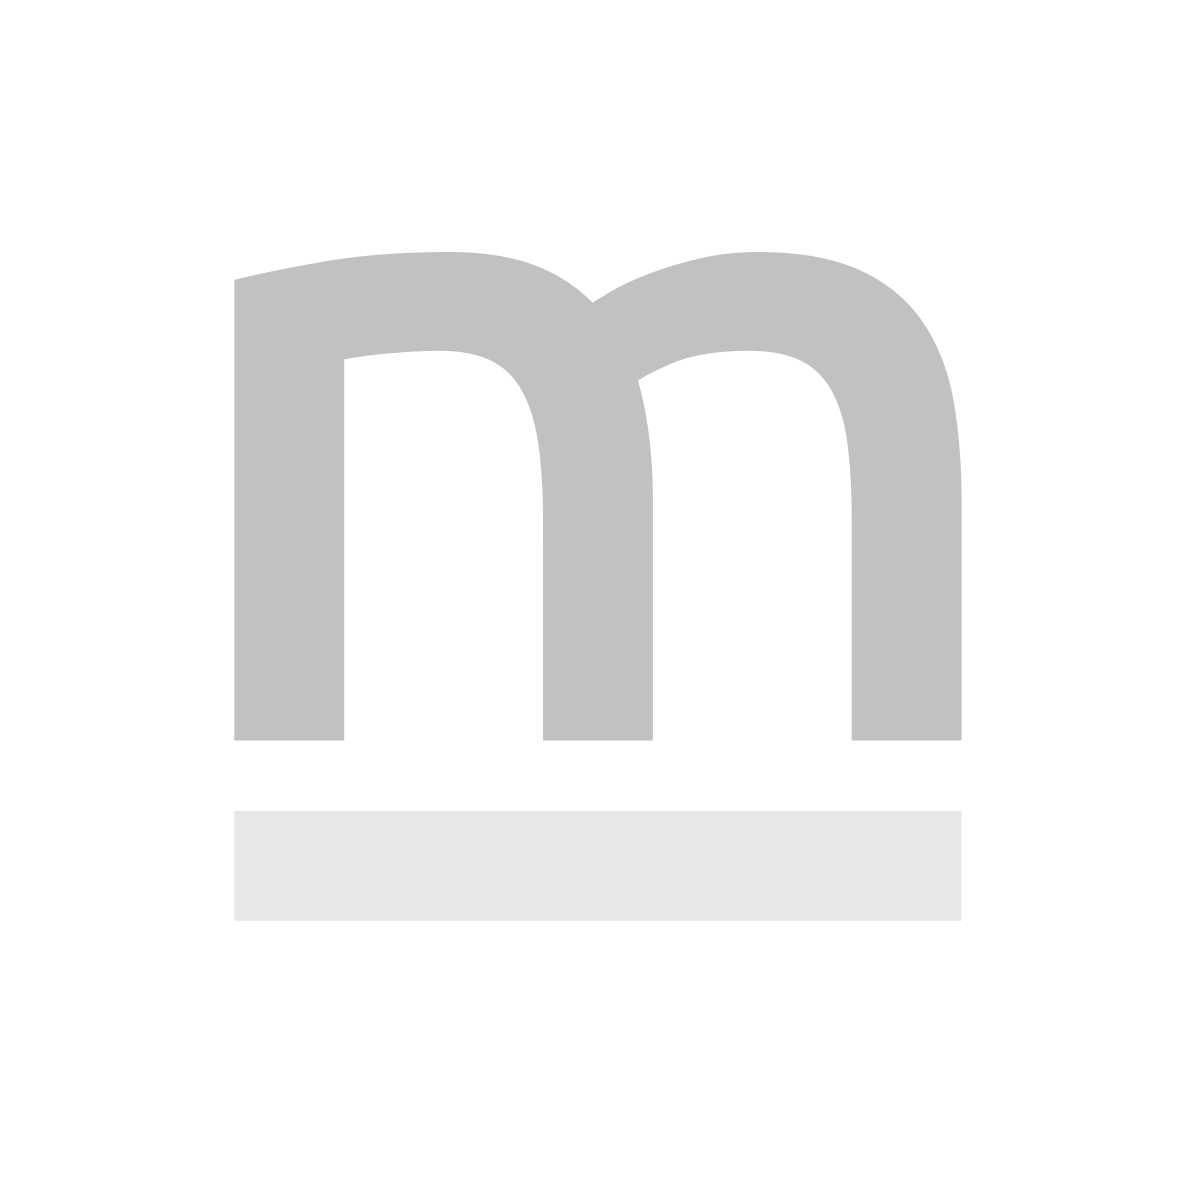 Stół FRYDERYK 160(200)x80 ciemny orzech rozkładany